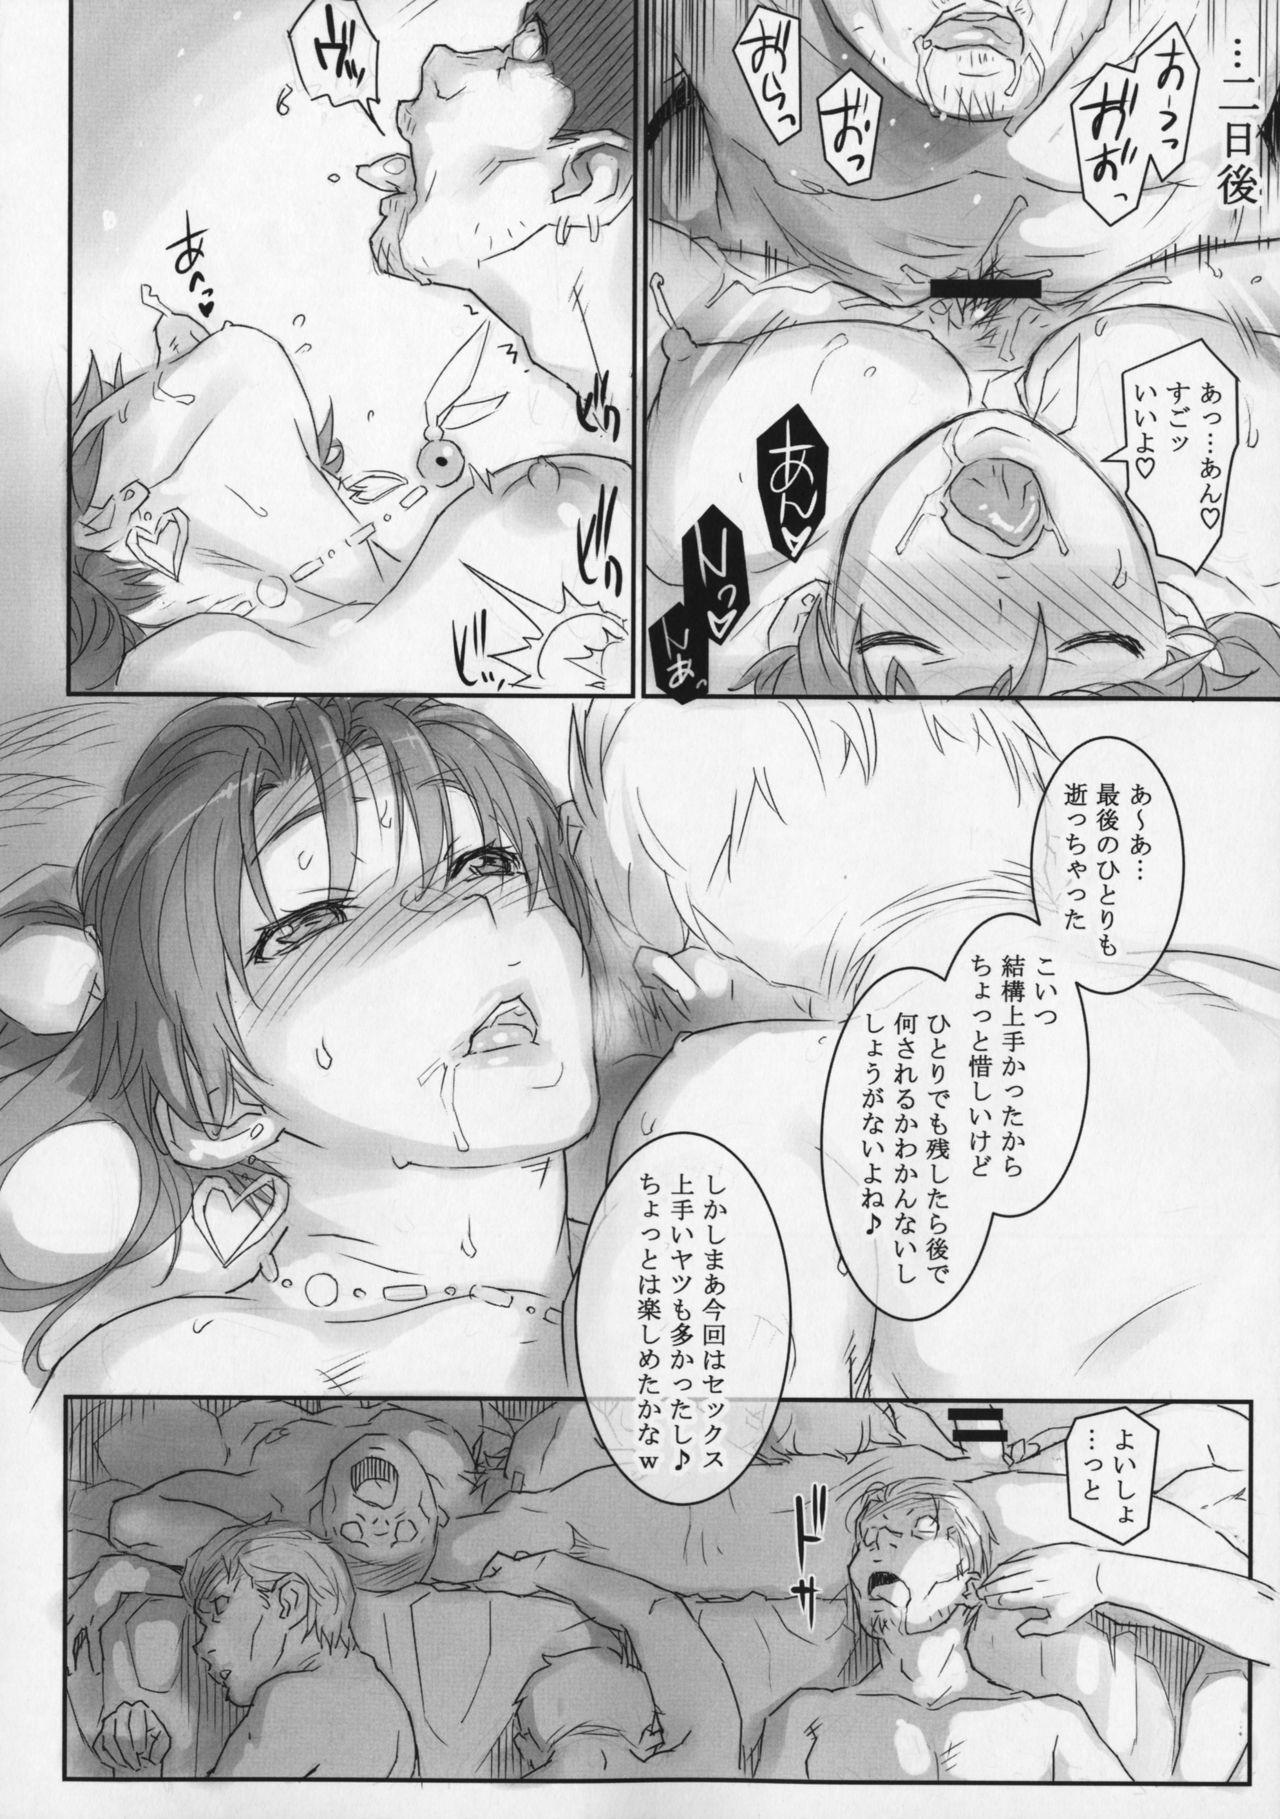 Kasumi-chan to Nobetumakunashi 7 22